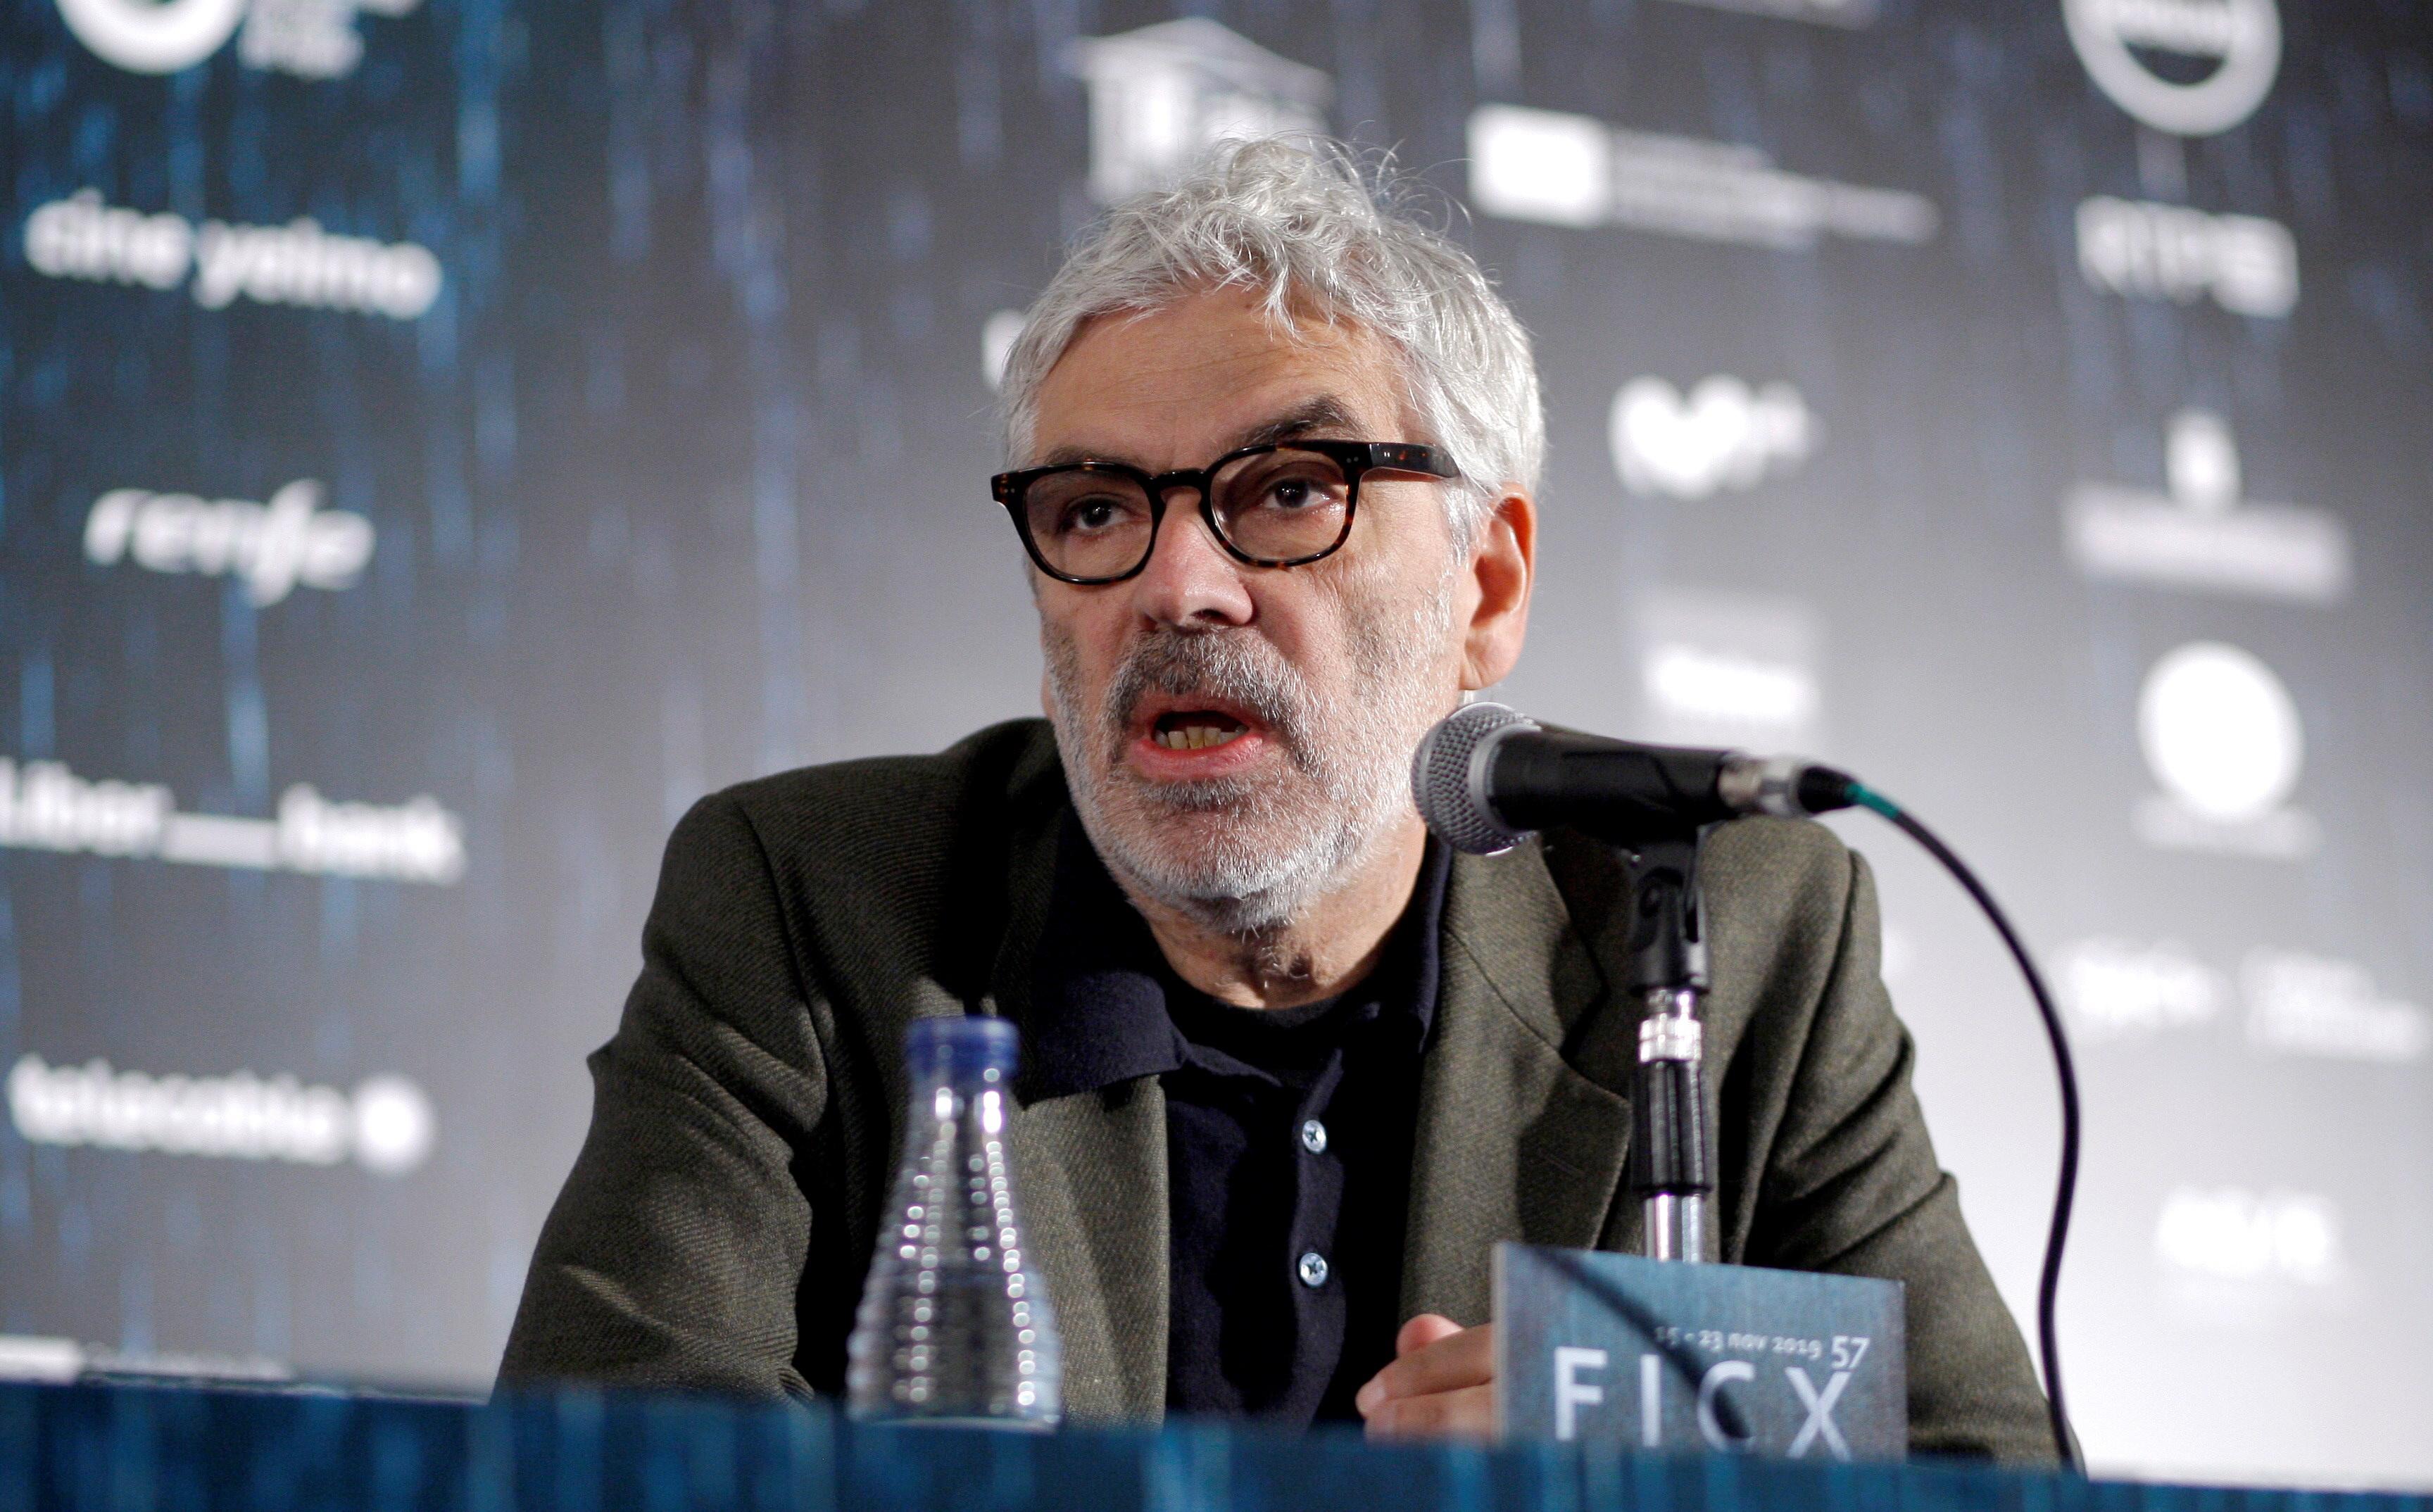 Realizador Pedro Costa recebe prémio de carreira em Itália